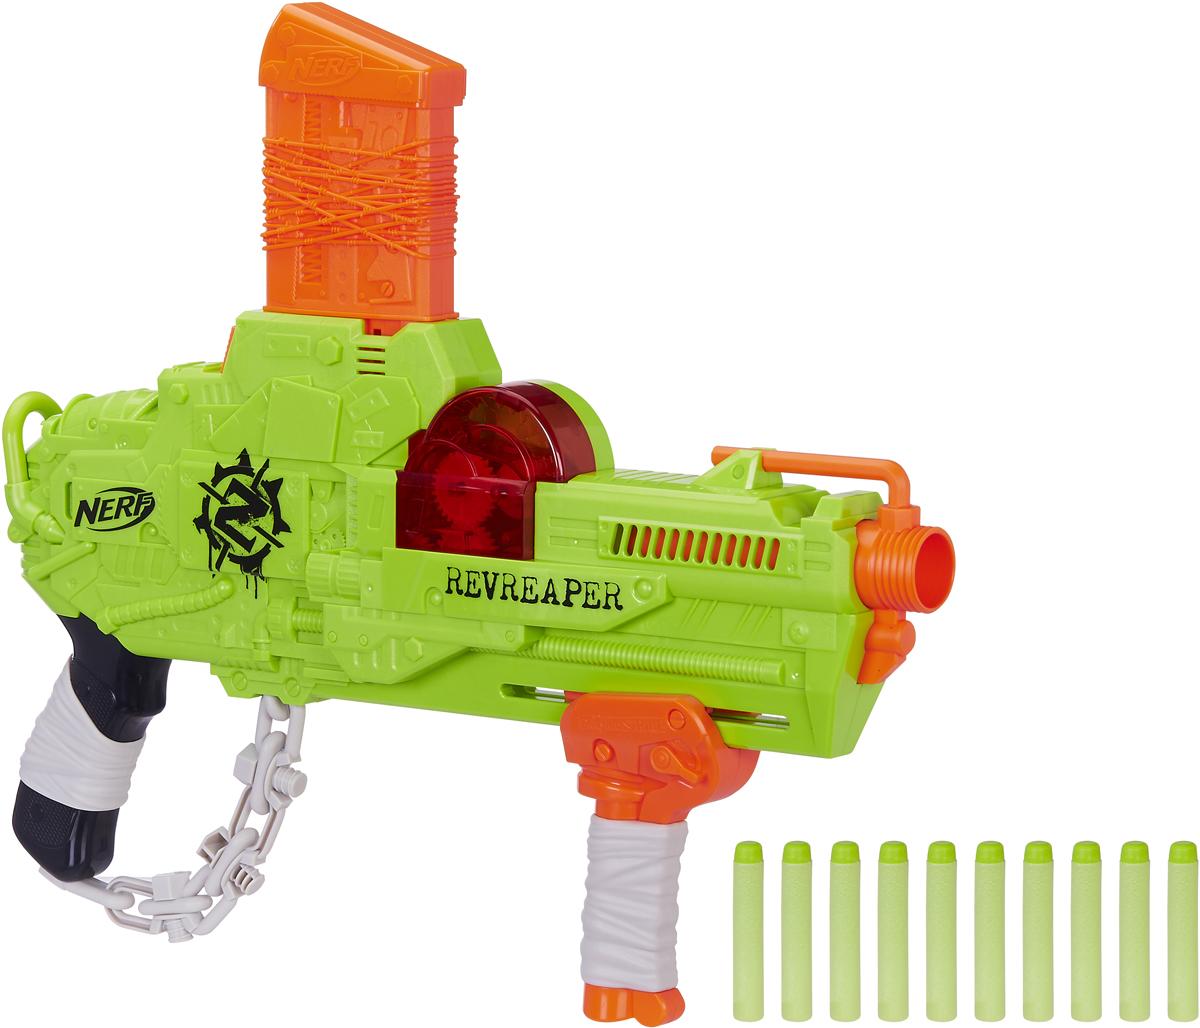 Nerf Игрушка бластер Реврипер - Игрушечное оружие